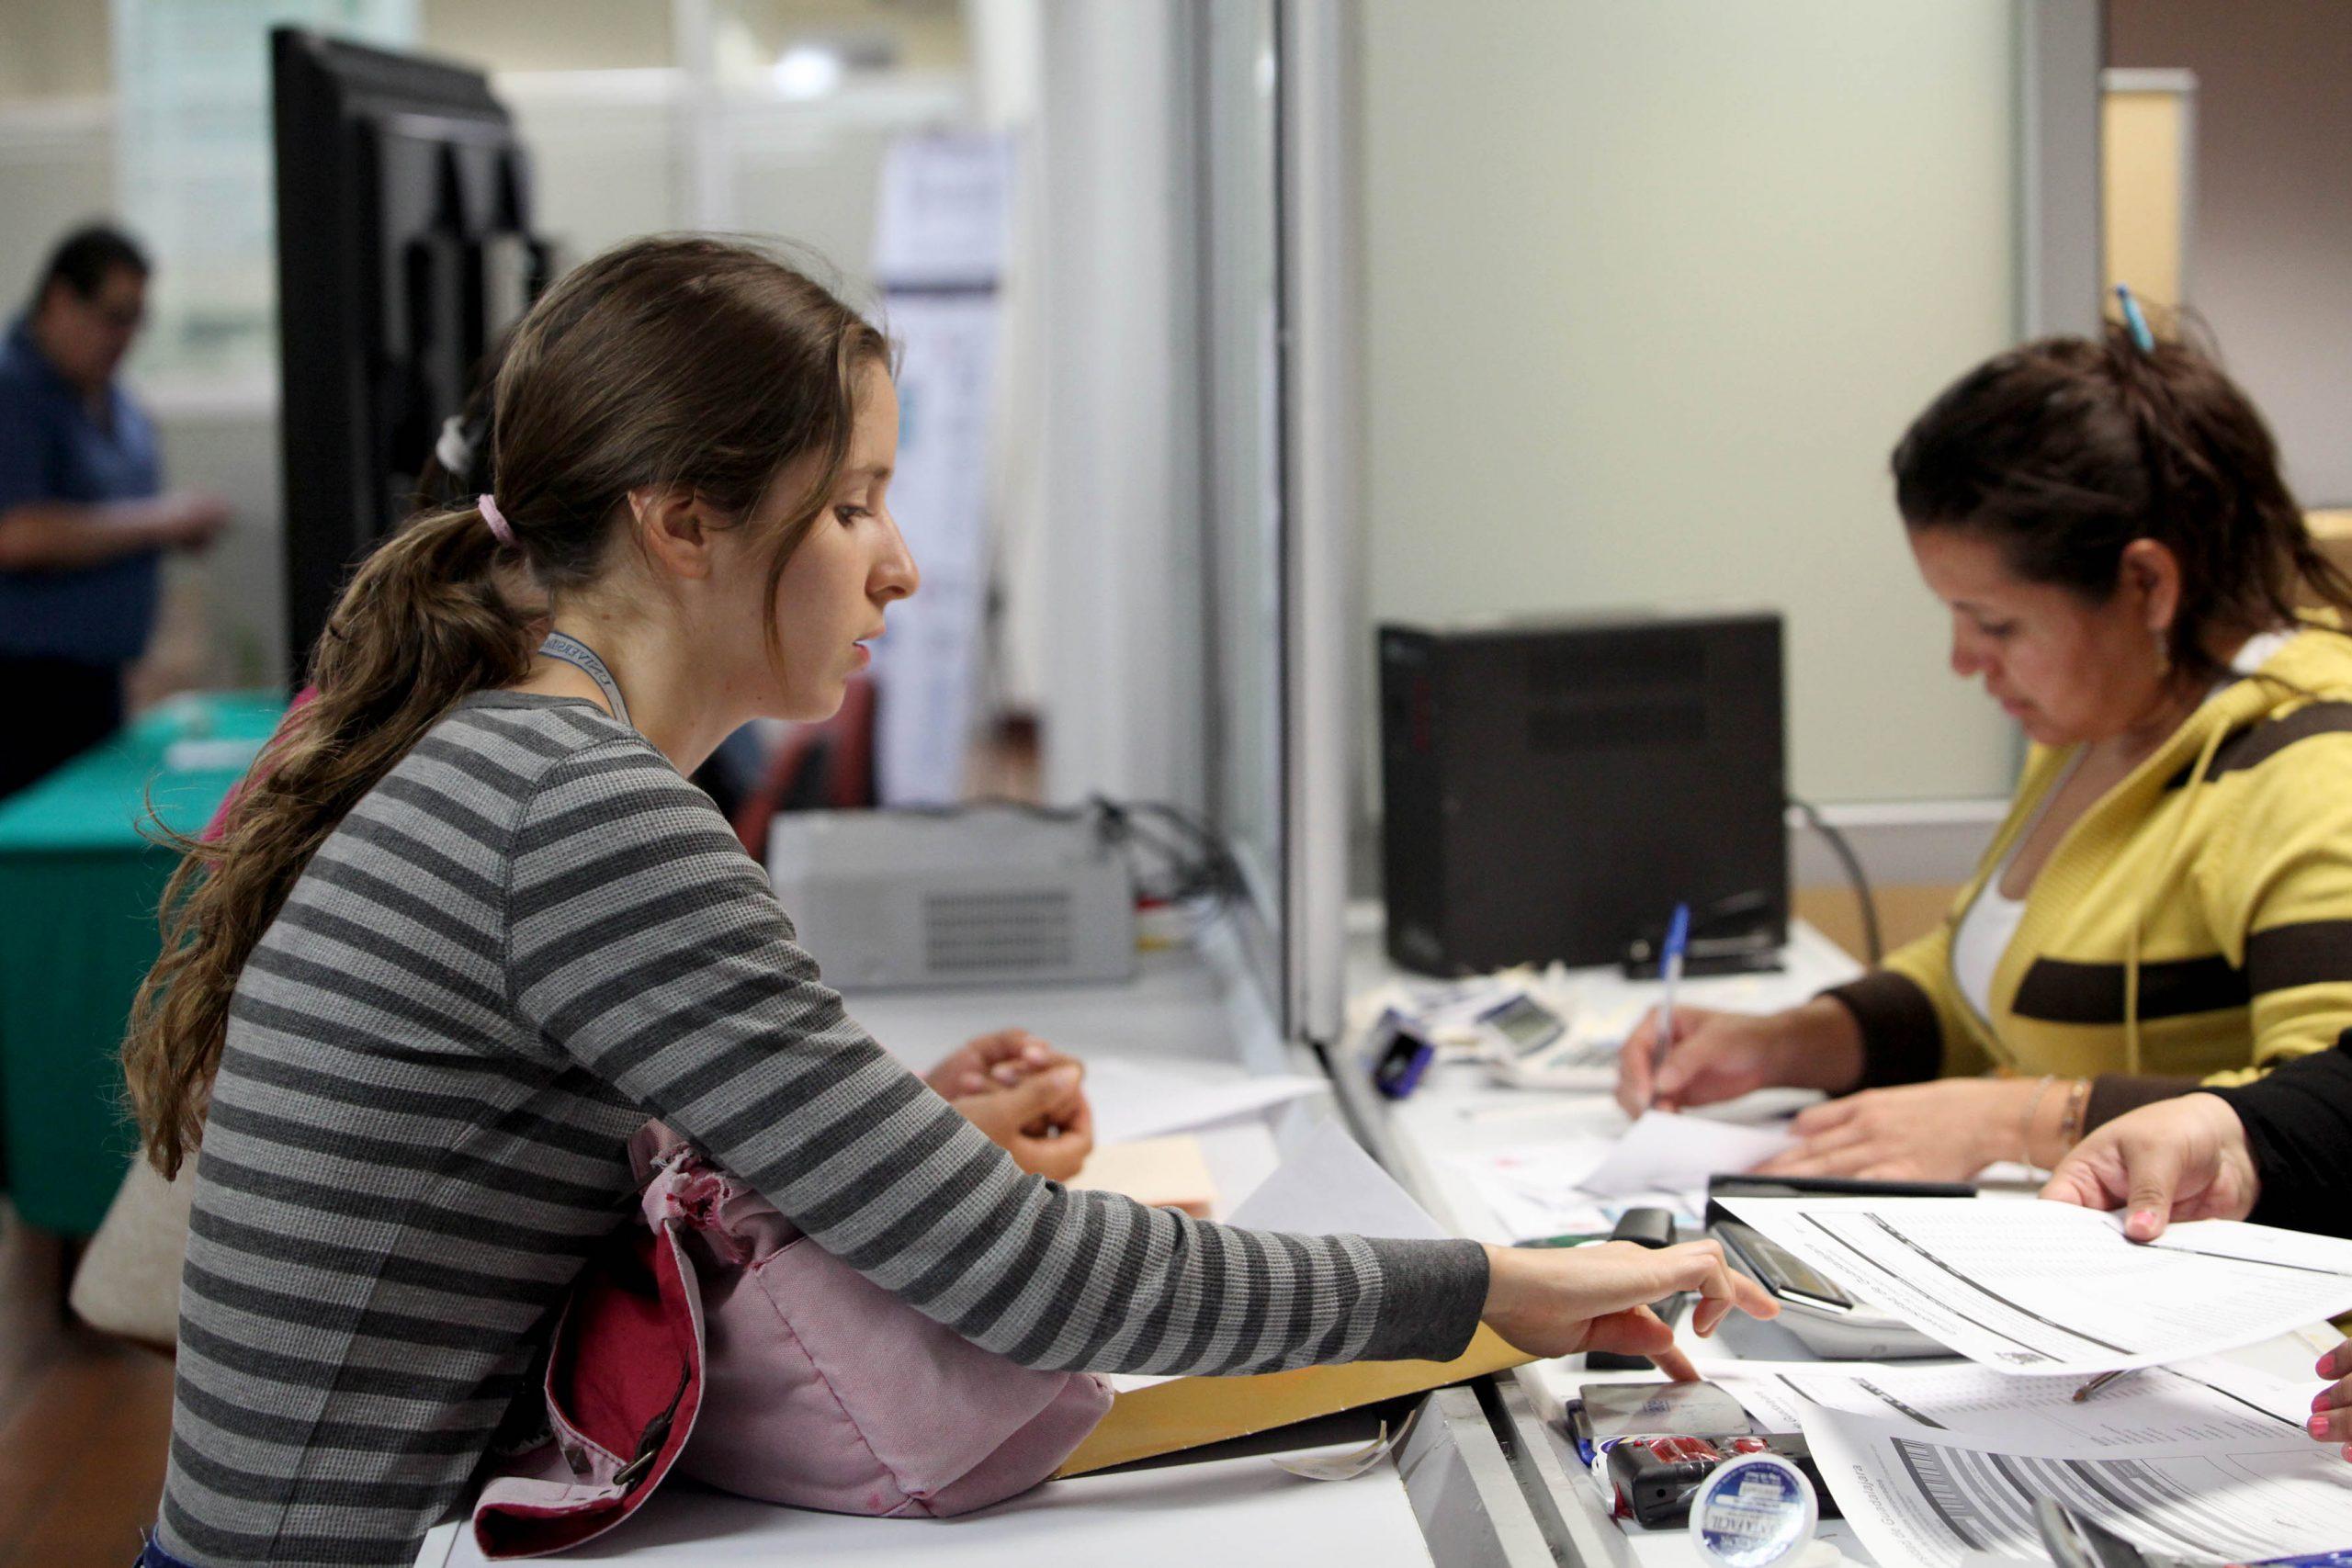 crear una empresa en Chile como extranjero